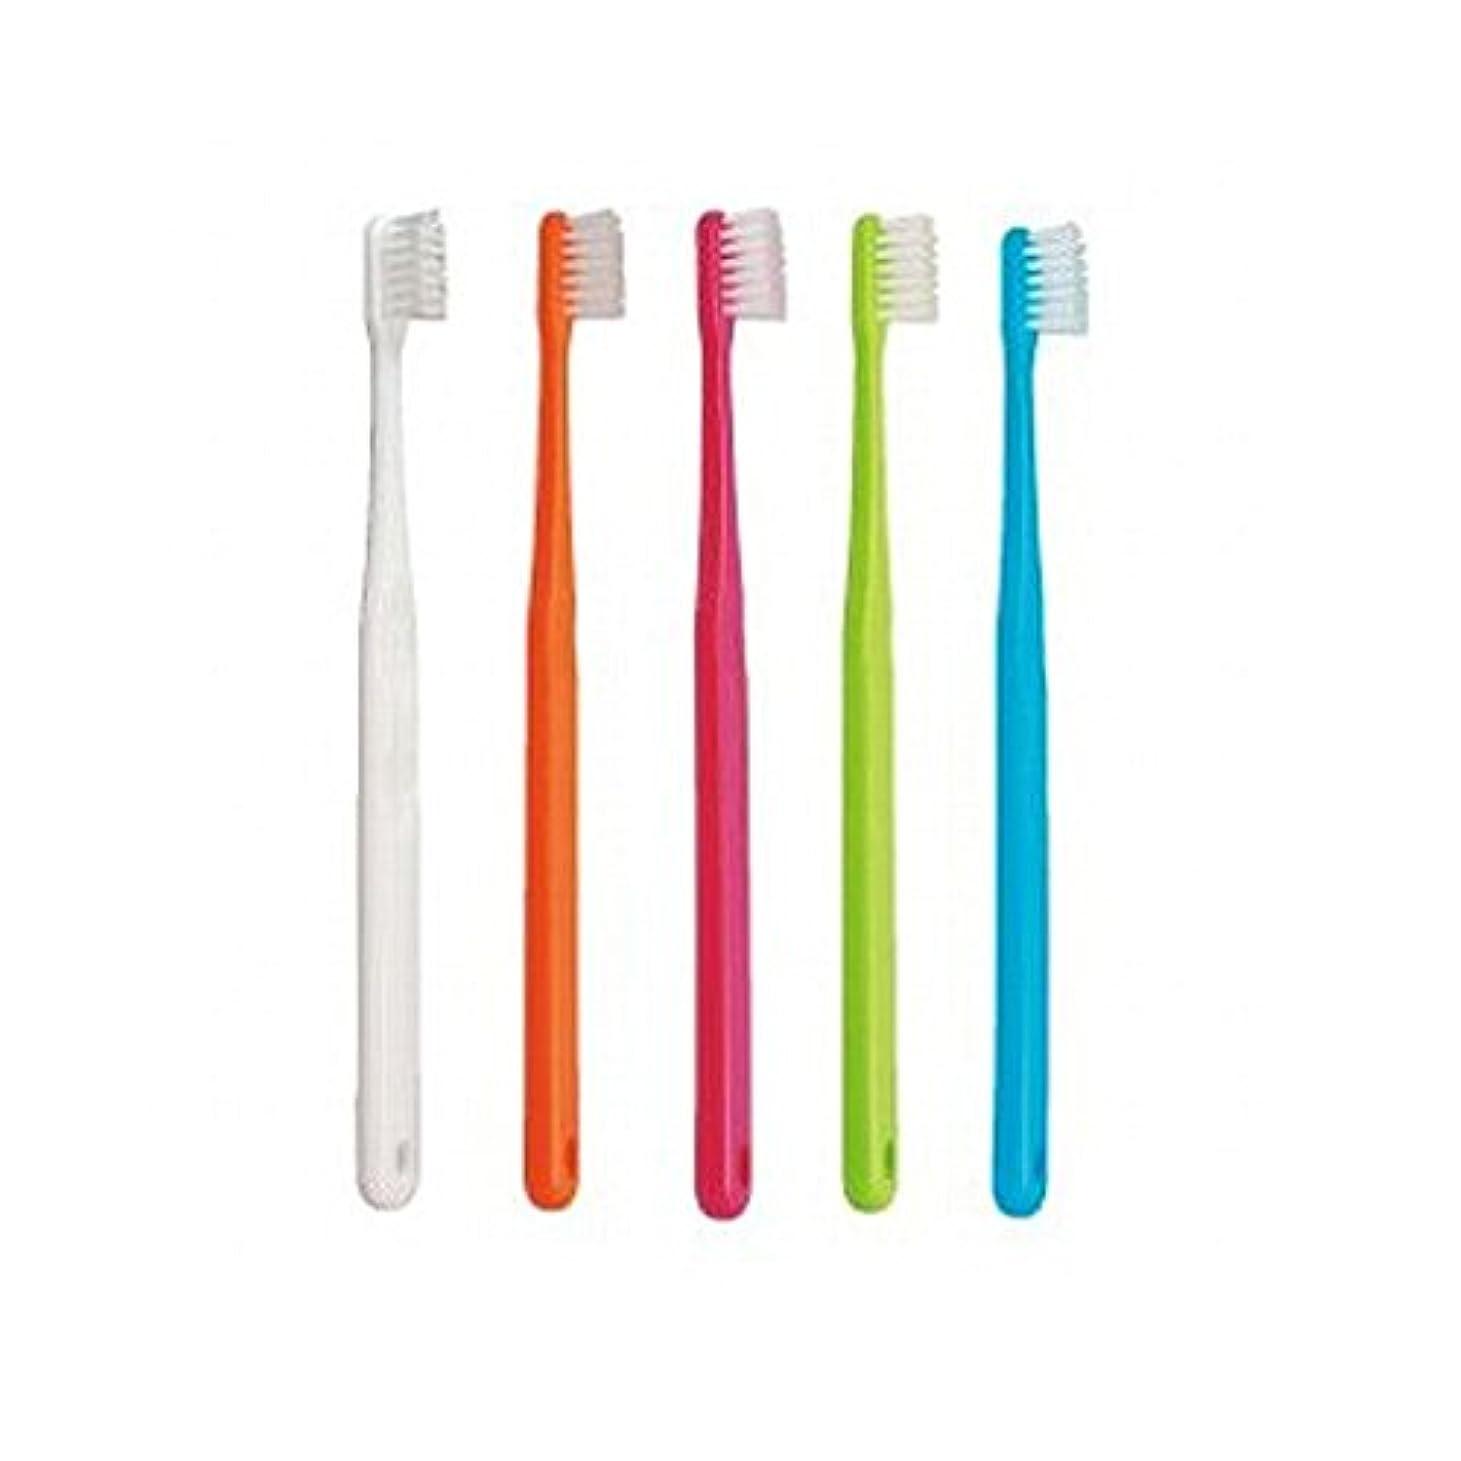 論理的どちらか免疫【Ci/シーアイ】【歯科用】Ci703 25本【歯ブラシ】【やわらかめ】【極薄ヘッド】ハンドルカラー5色選択不可